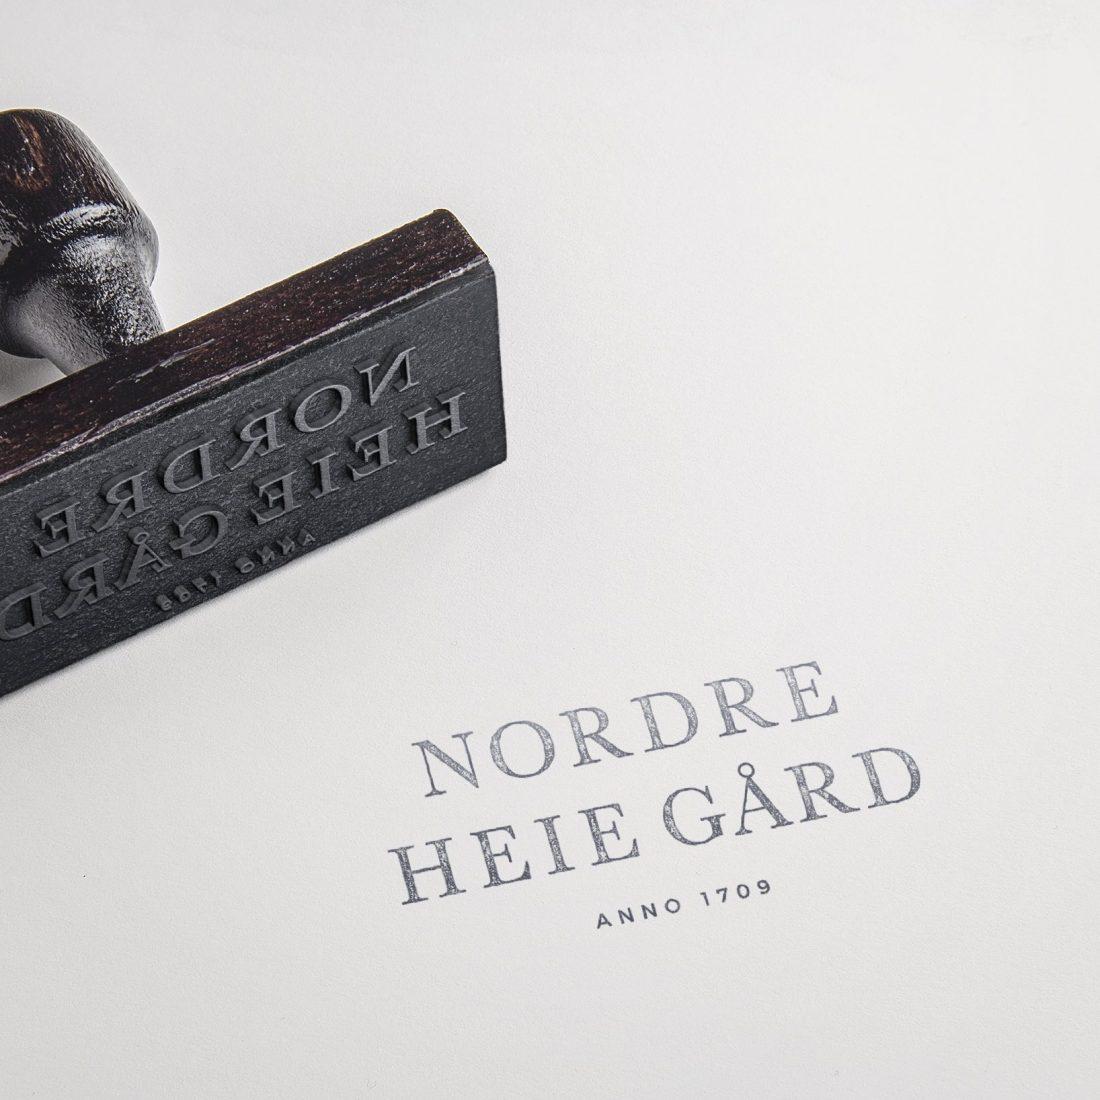 Stempel-nordre-heie-gard-adesign-studio